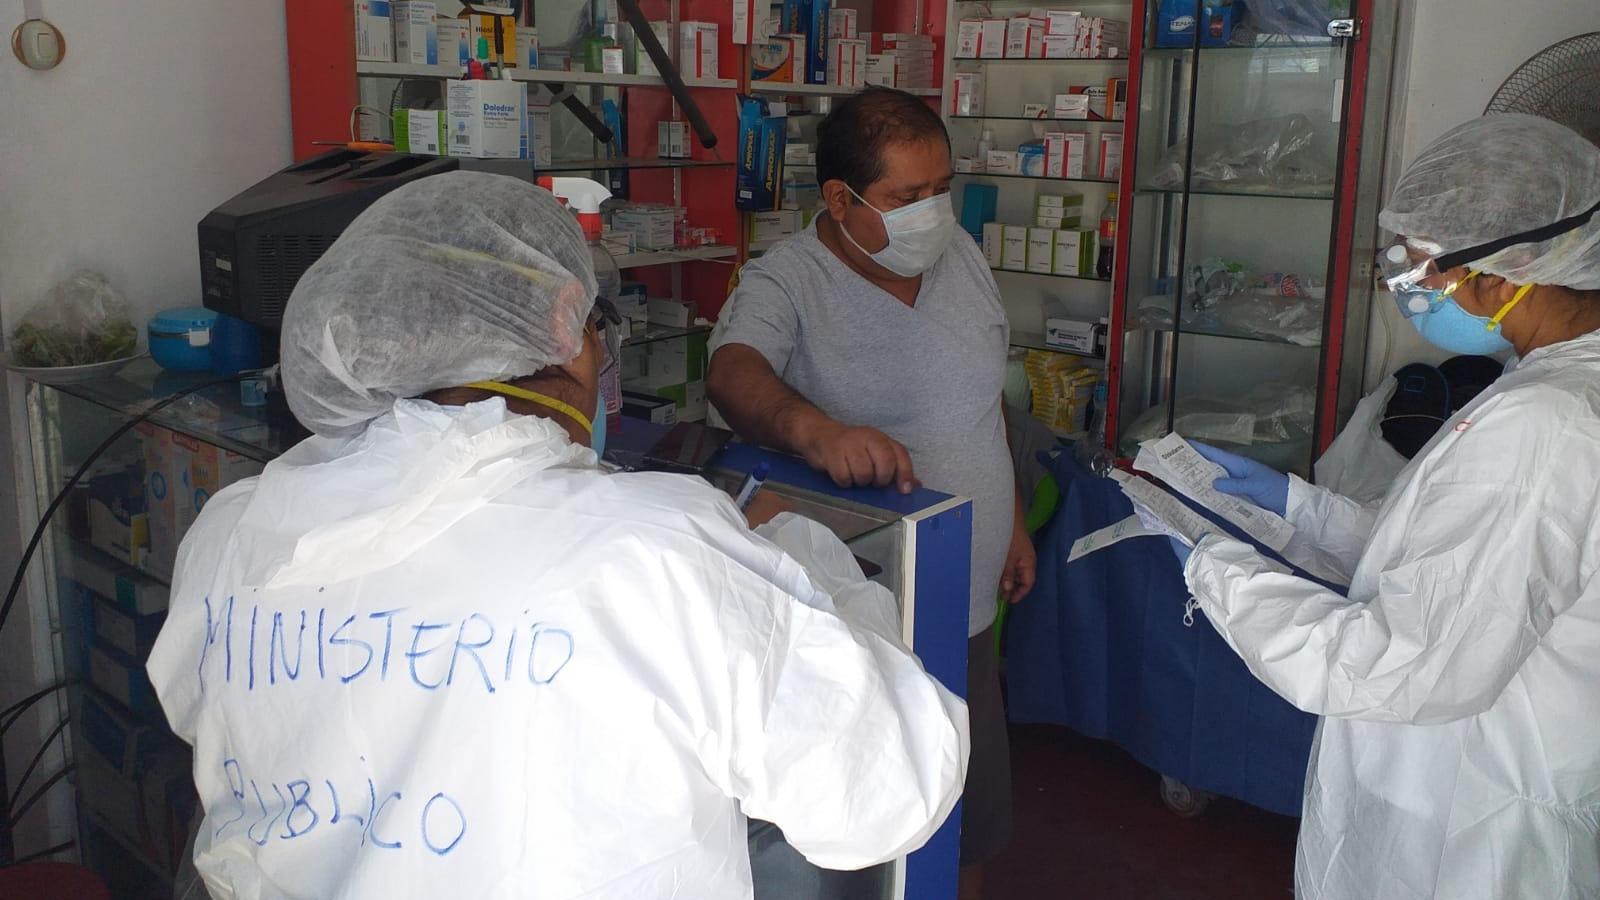 Botica atendía a pacientes con la COVID-19 a pocos metros del hospital regional